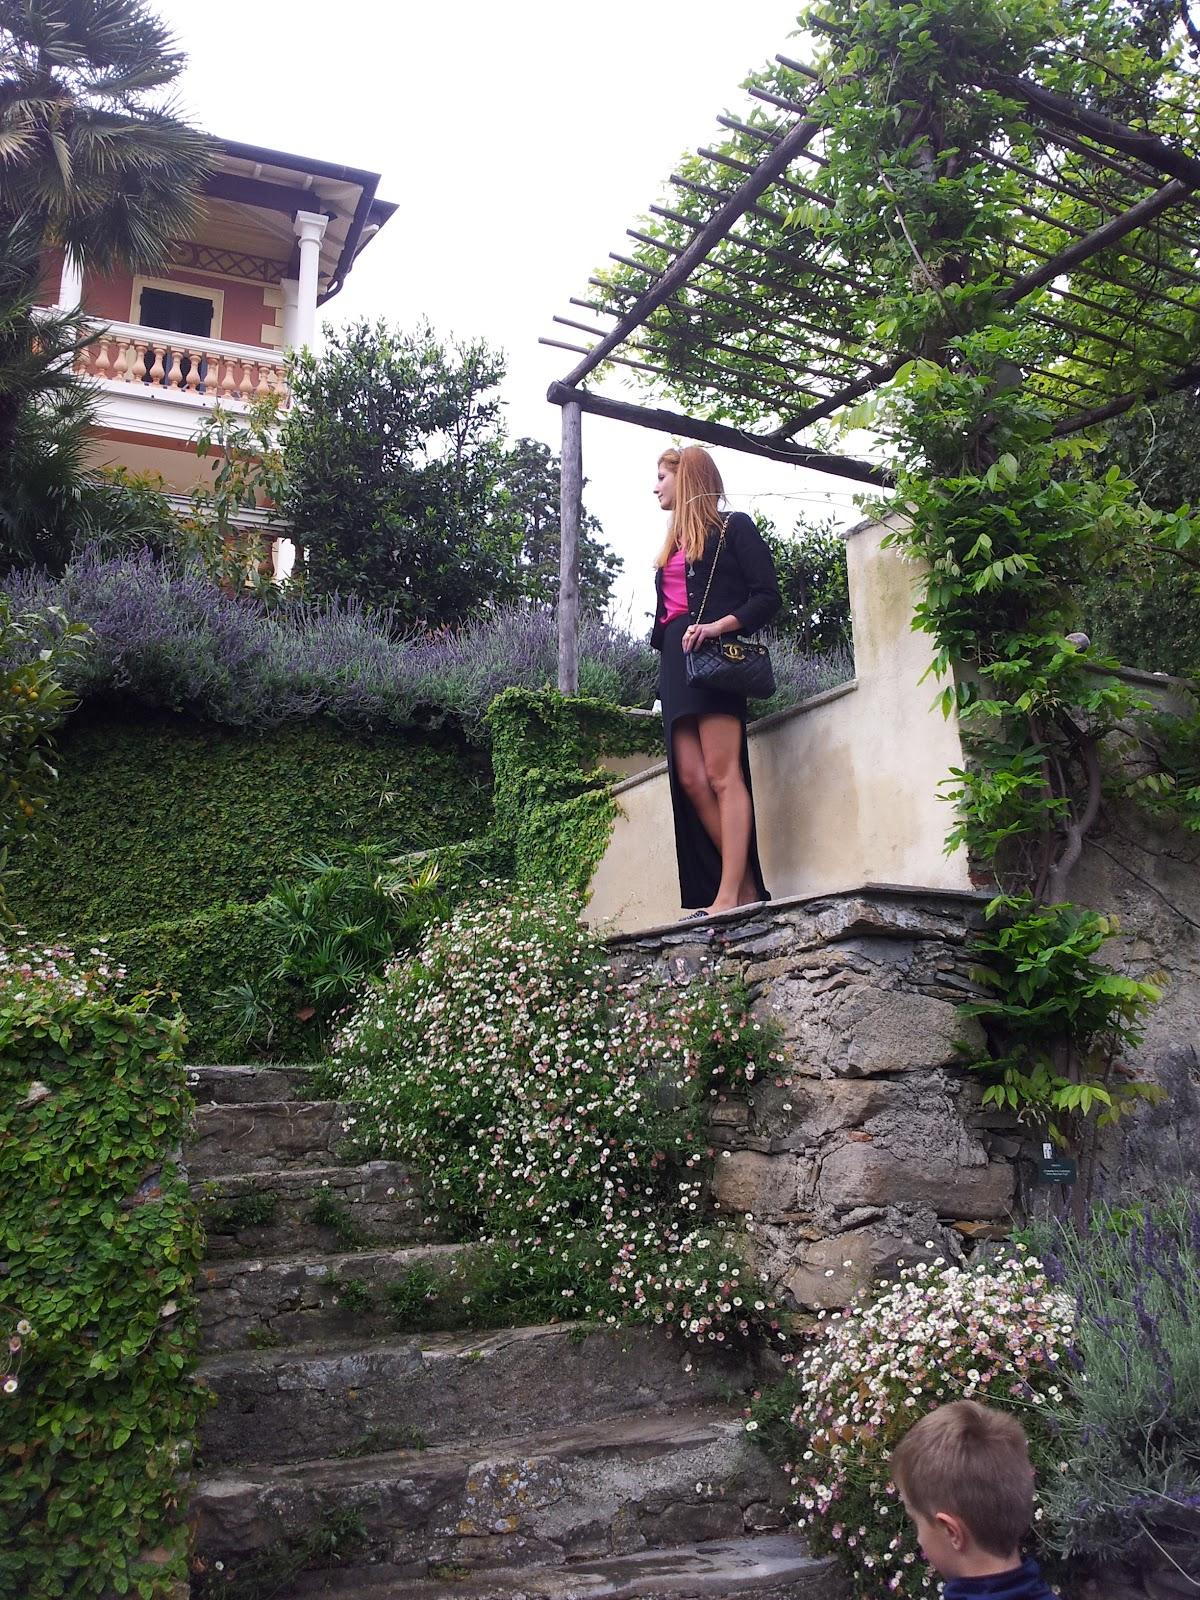 Villa della pergola alassio visite guidate ai giardini for Giardini villa della pergola